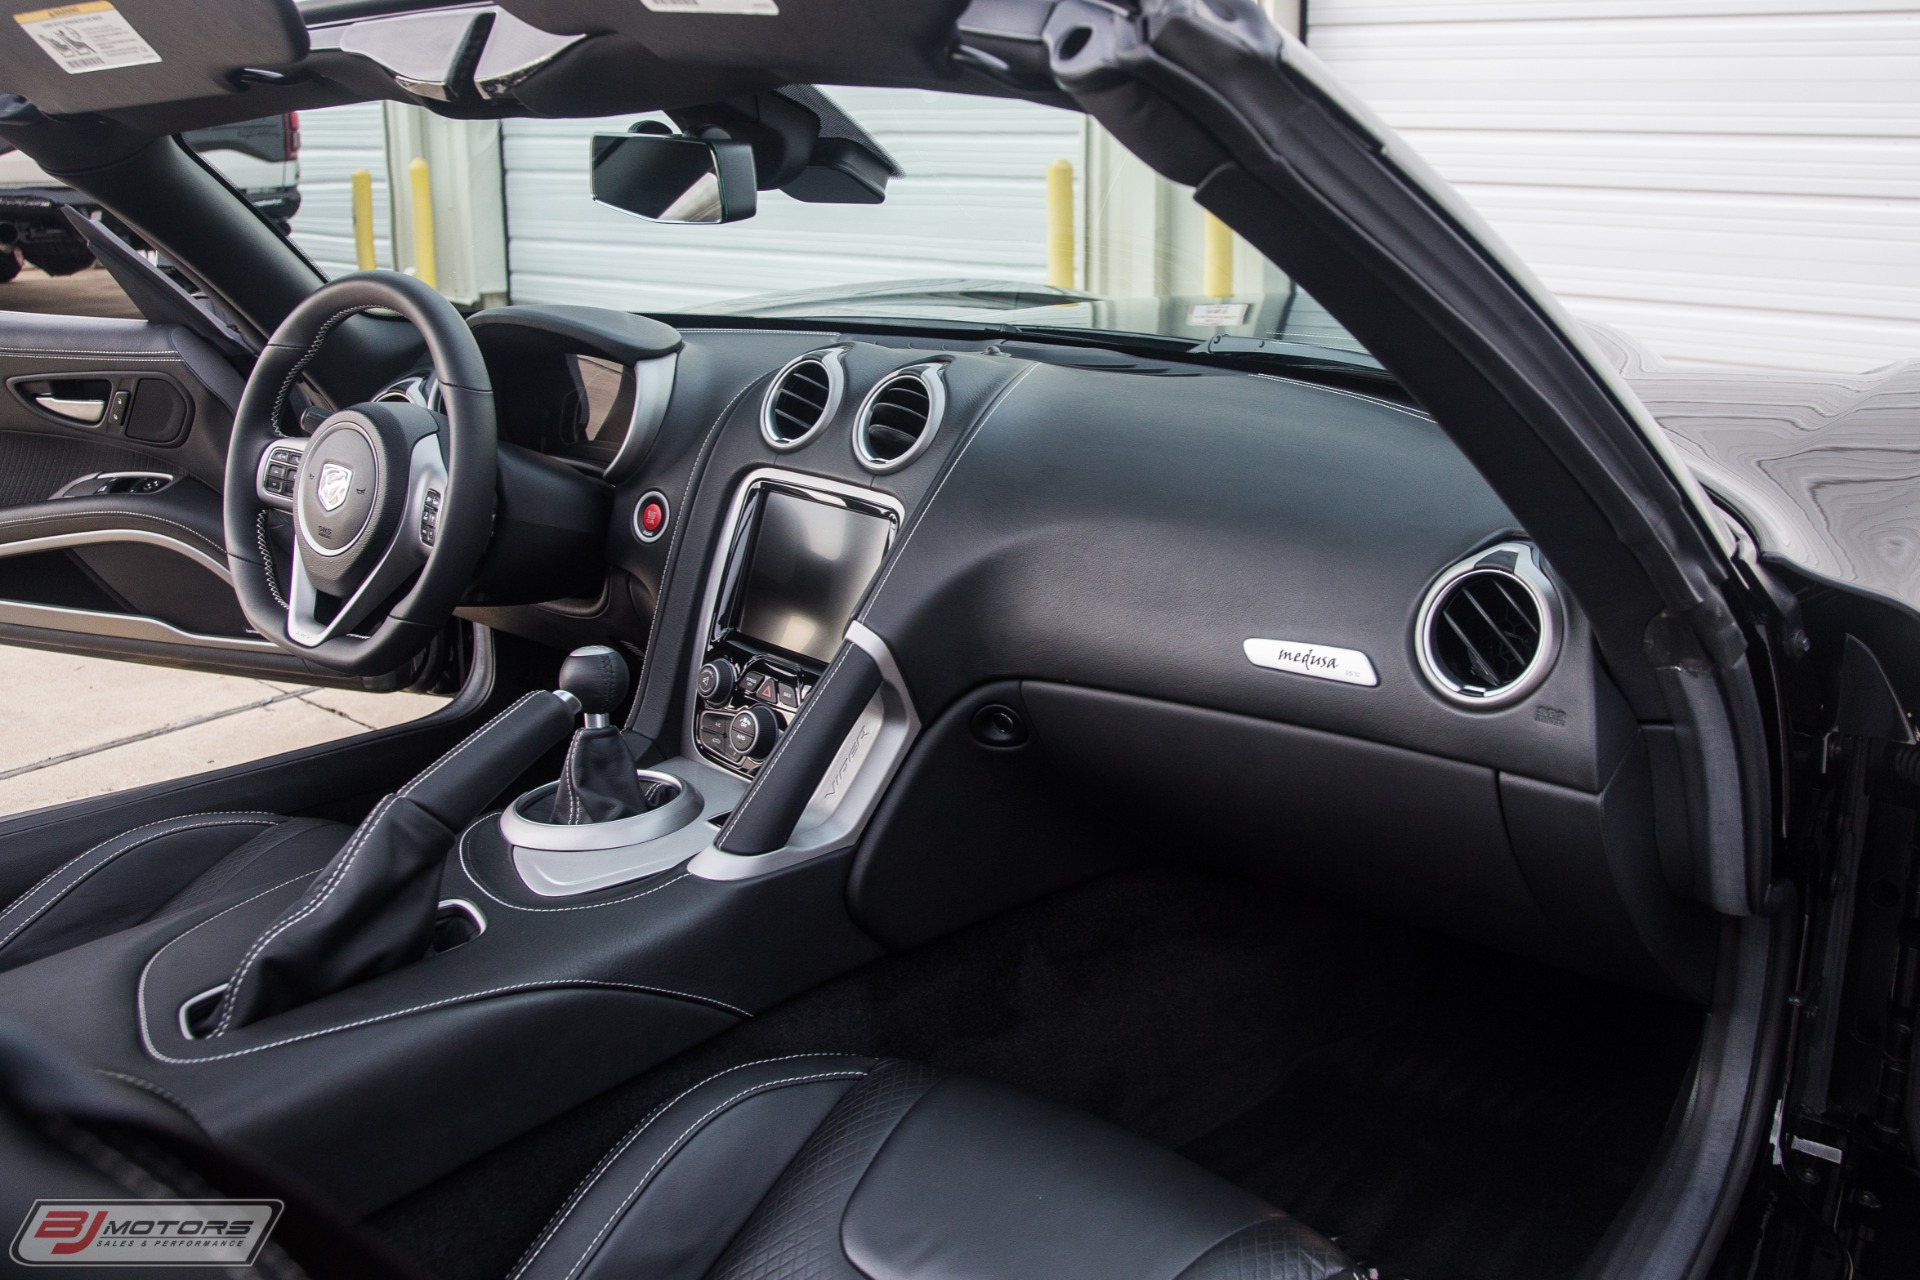 New-2014-Dodge-SRT-Viper-MEDUSA-GTS